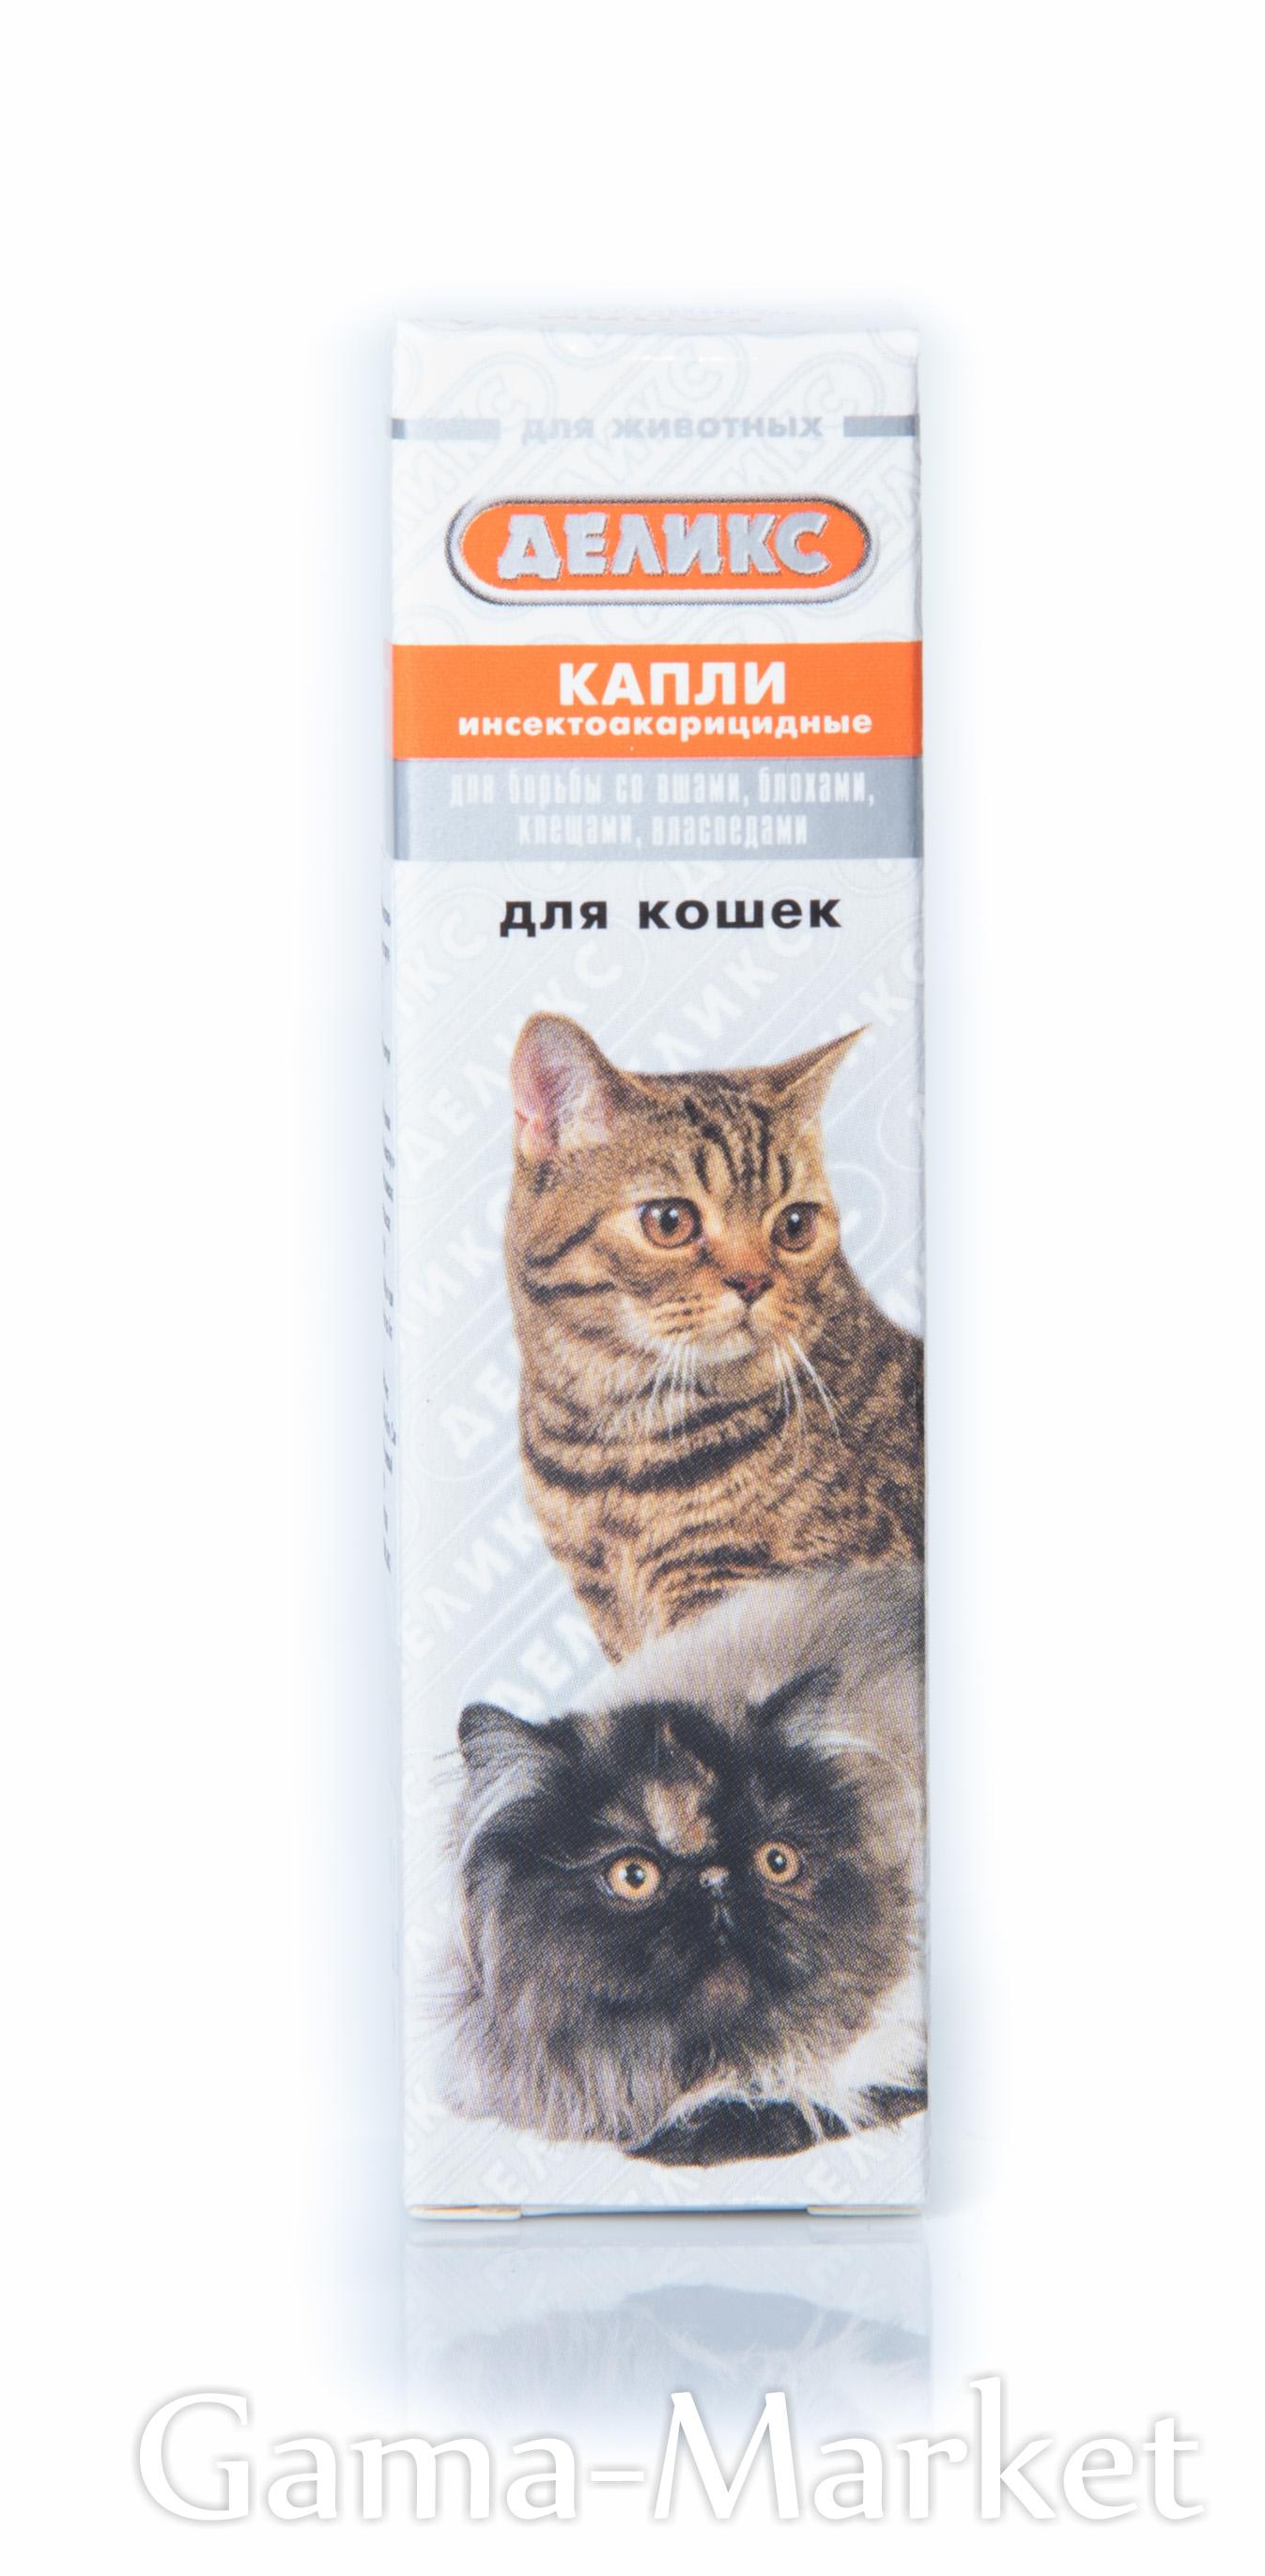 деликс капли для кошек инструкция по применению